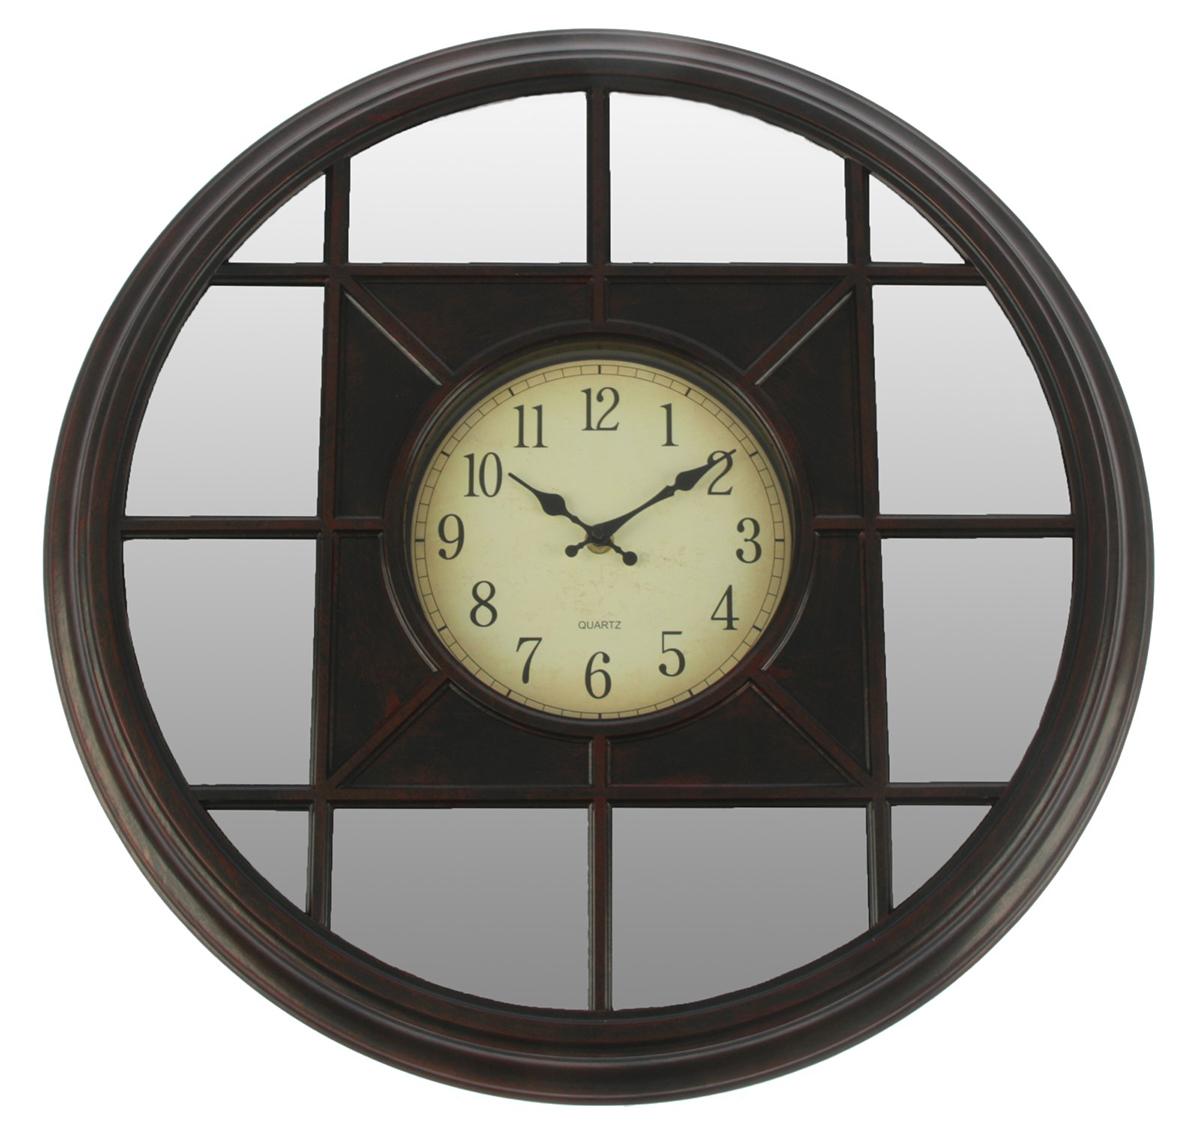 Часы настенные Зеркала, цвет: шоколад, диаметр 50 см хочу продать свою квартиру которая менее 3х лет и другую какие налоги надо заплатить